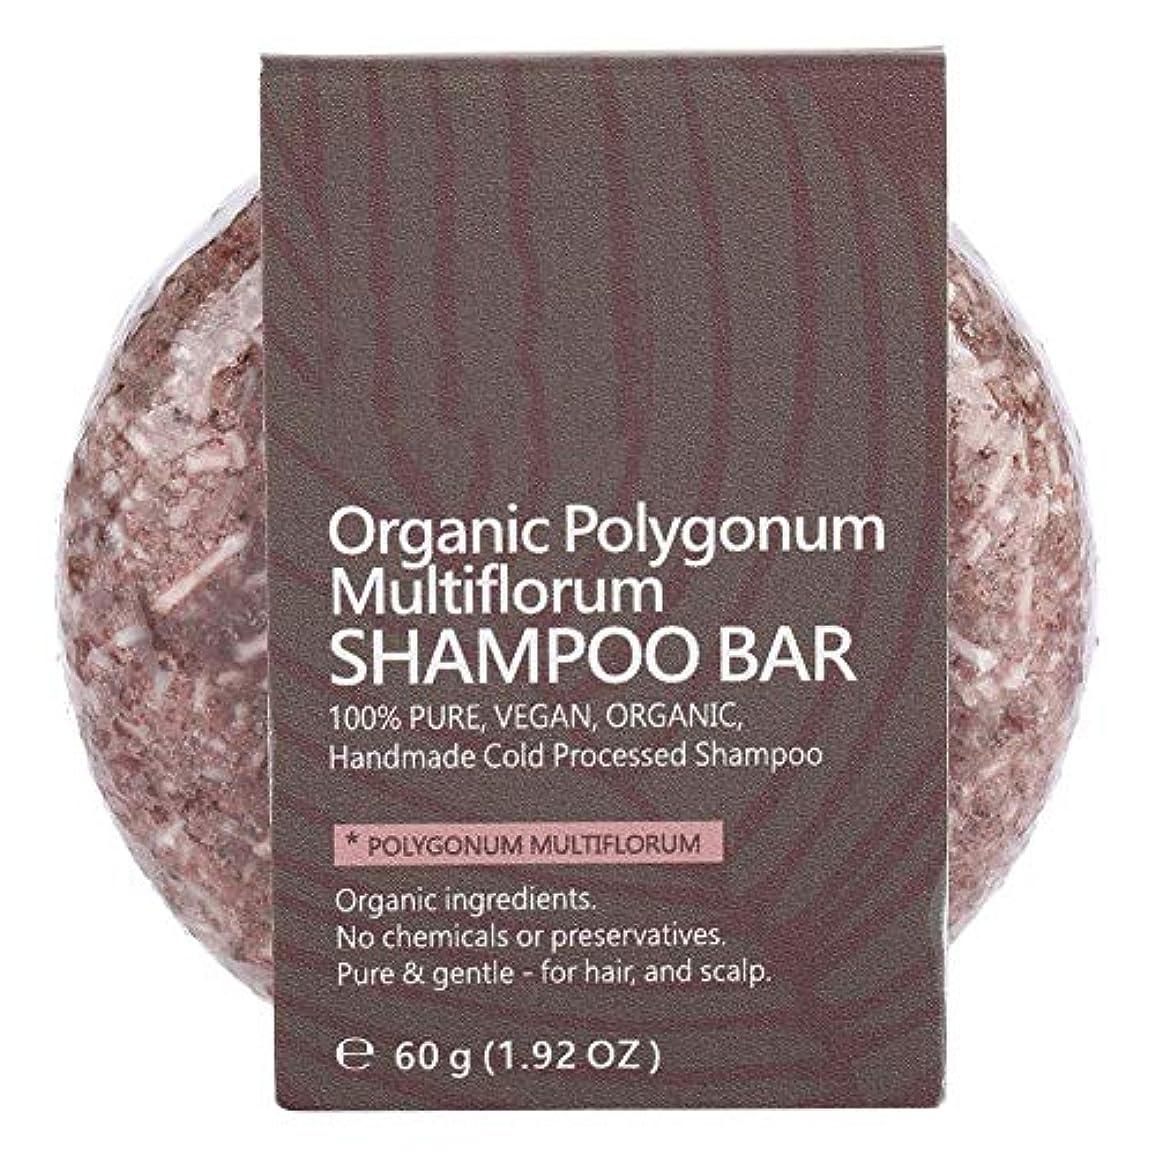 一過性お嬢朝ごはんシャンプーバーヘアコンディショナーナチュラル植物エキスエッセンシャルオイルヘアシャンプーソープナイトシャンプーヘアトリートメント (ポリゴンム)